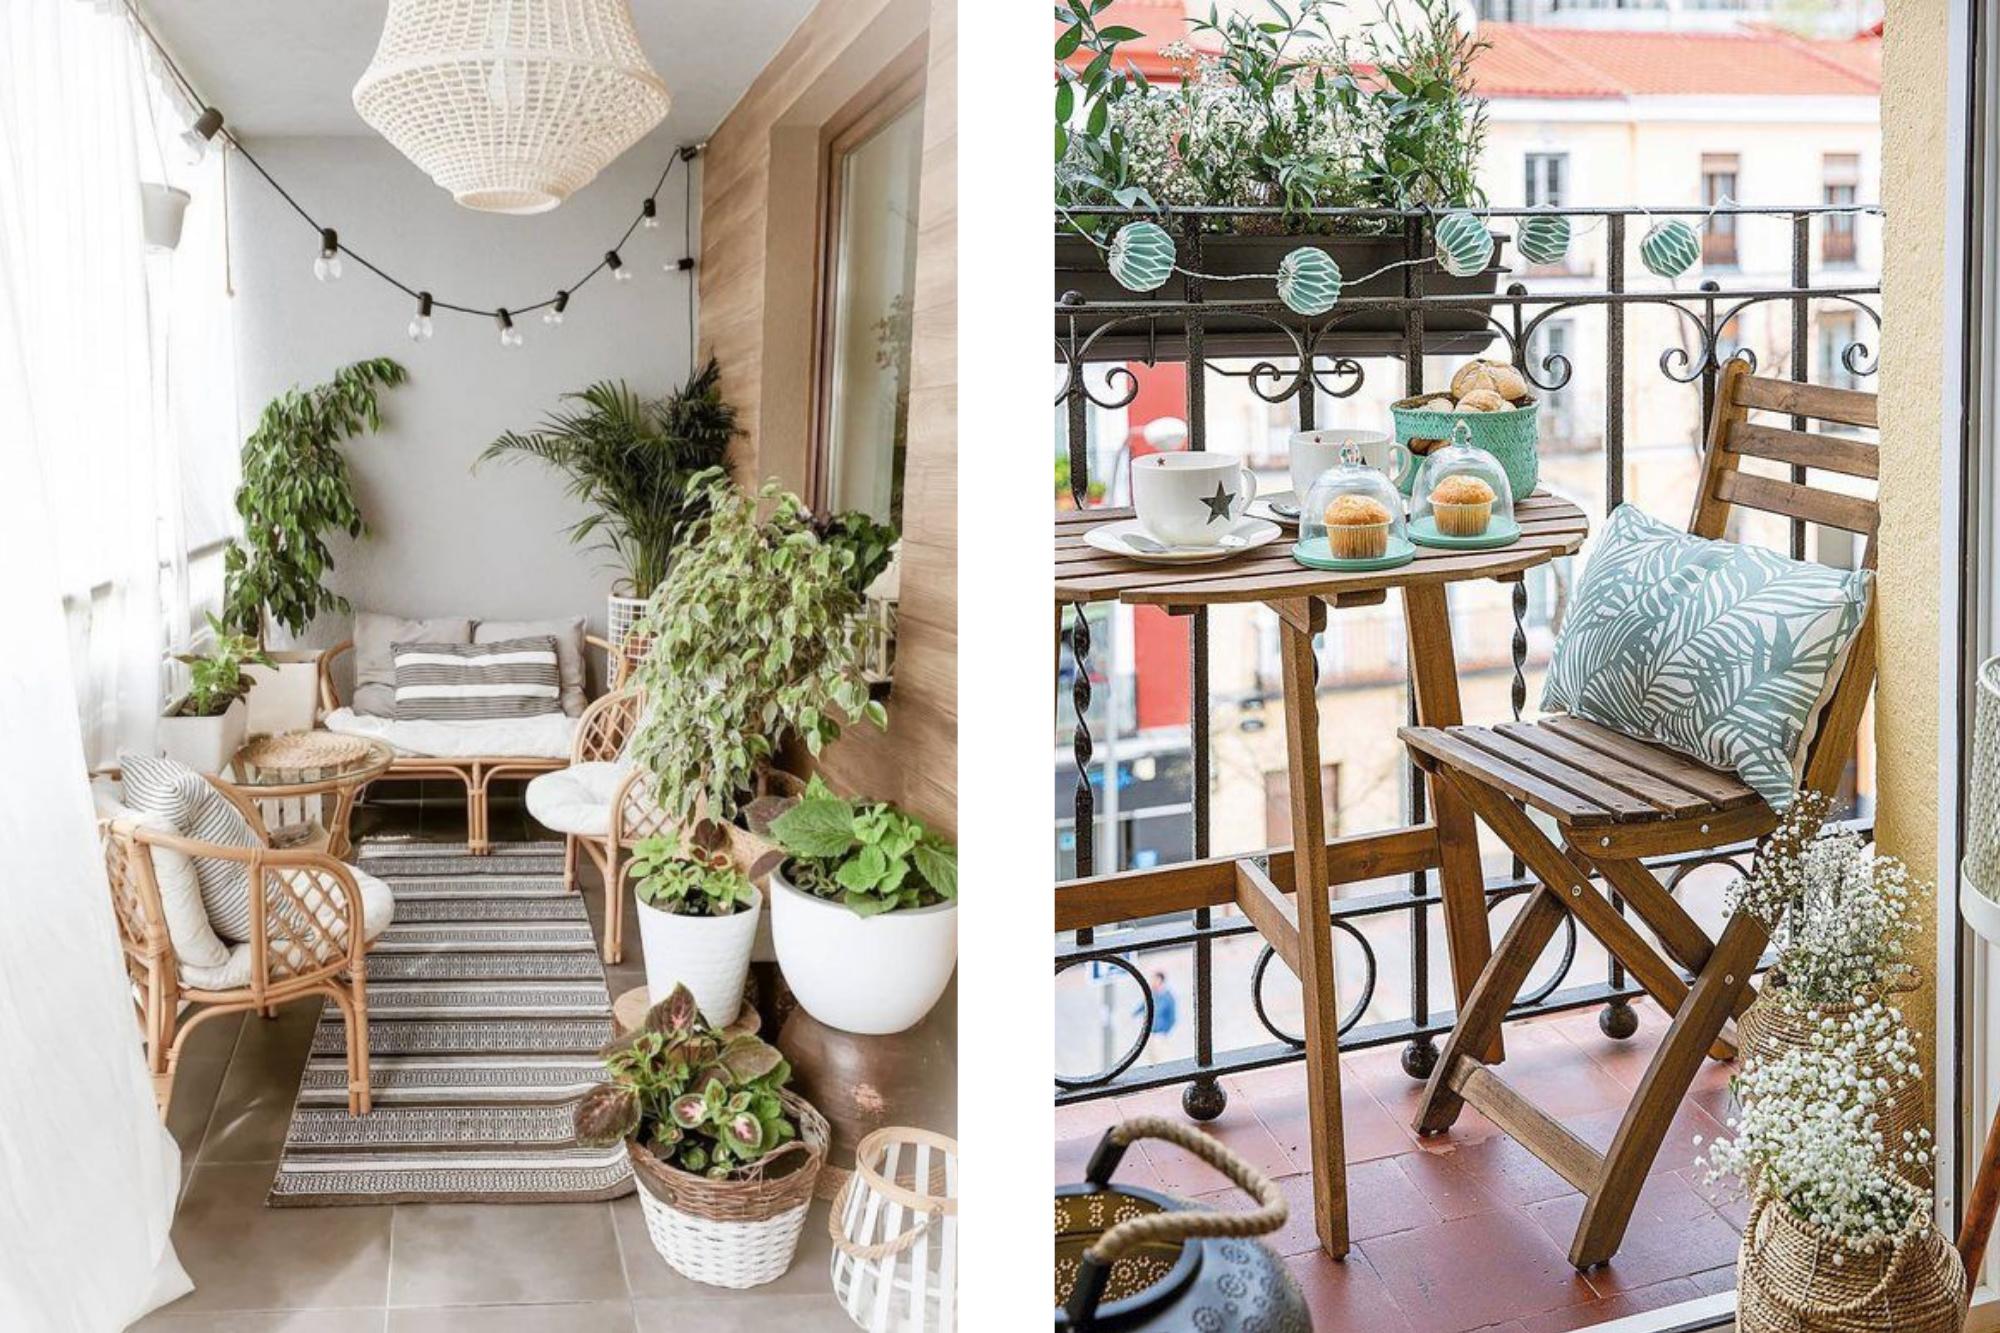 Dos imagenes de inspiracion para decorar una terraza pequeña